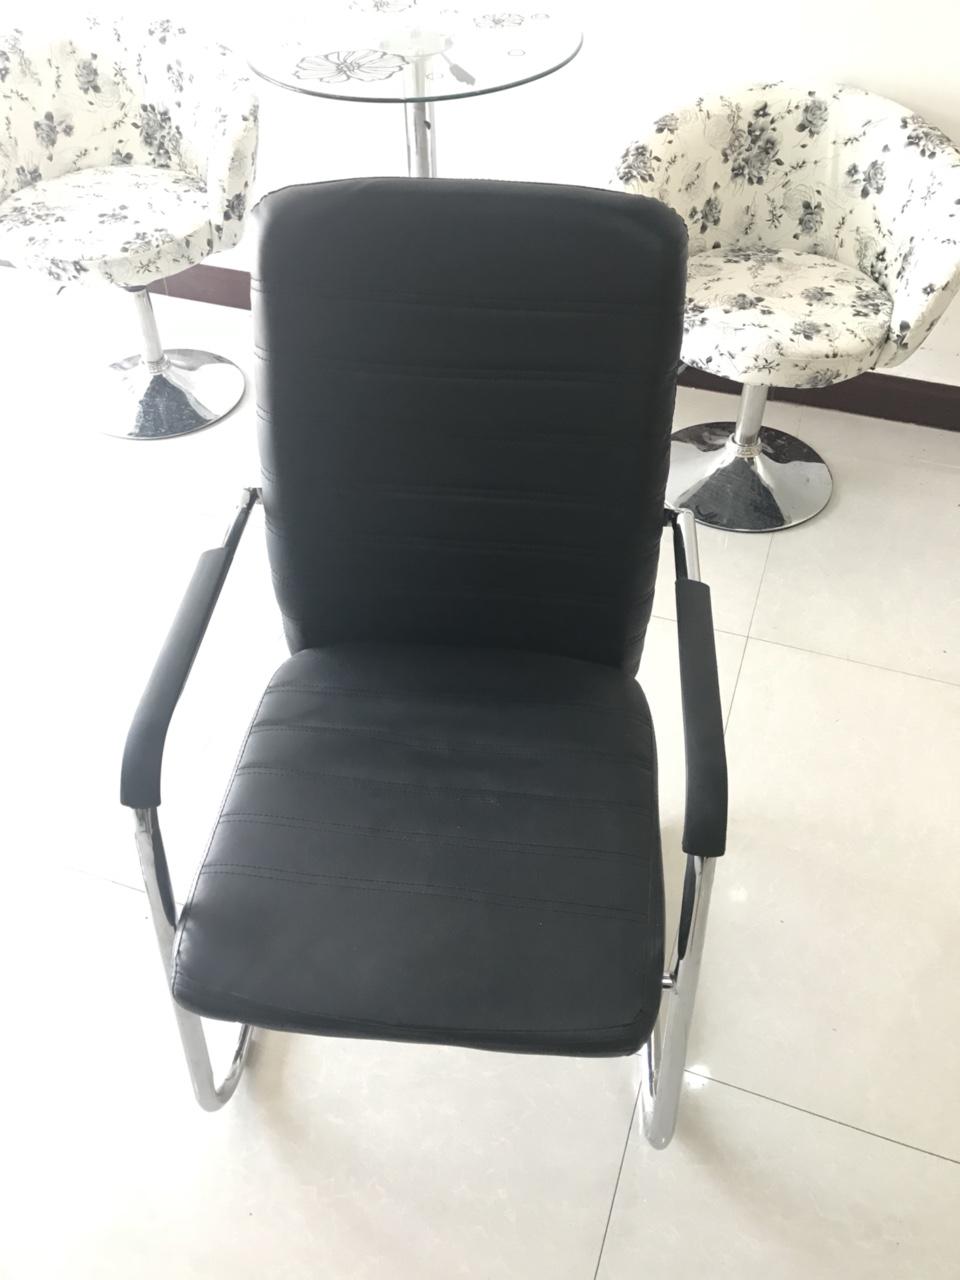 办公椅低价处理,才用半年,共18把,全要有优惠!